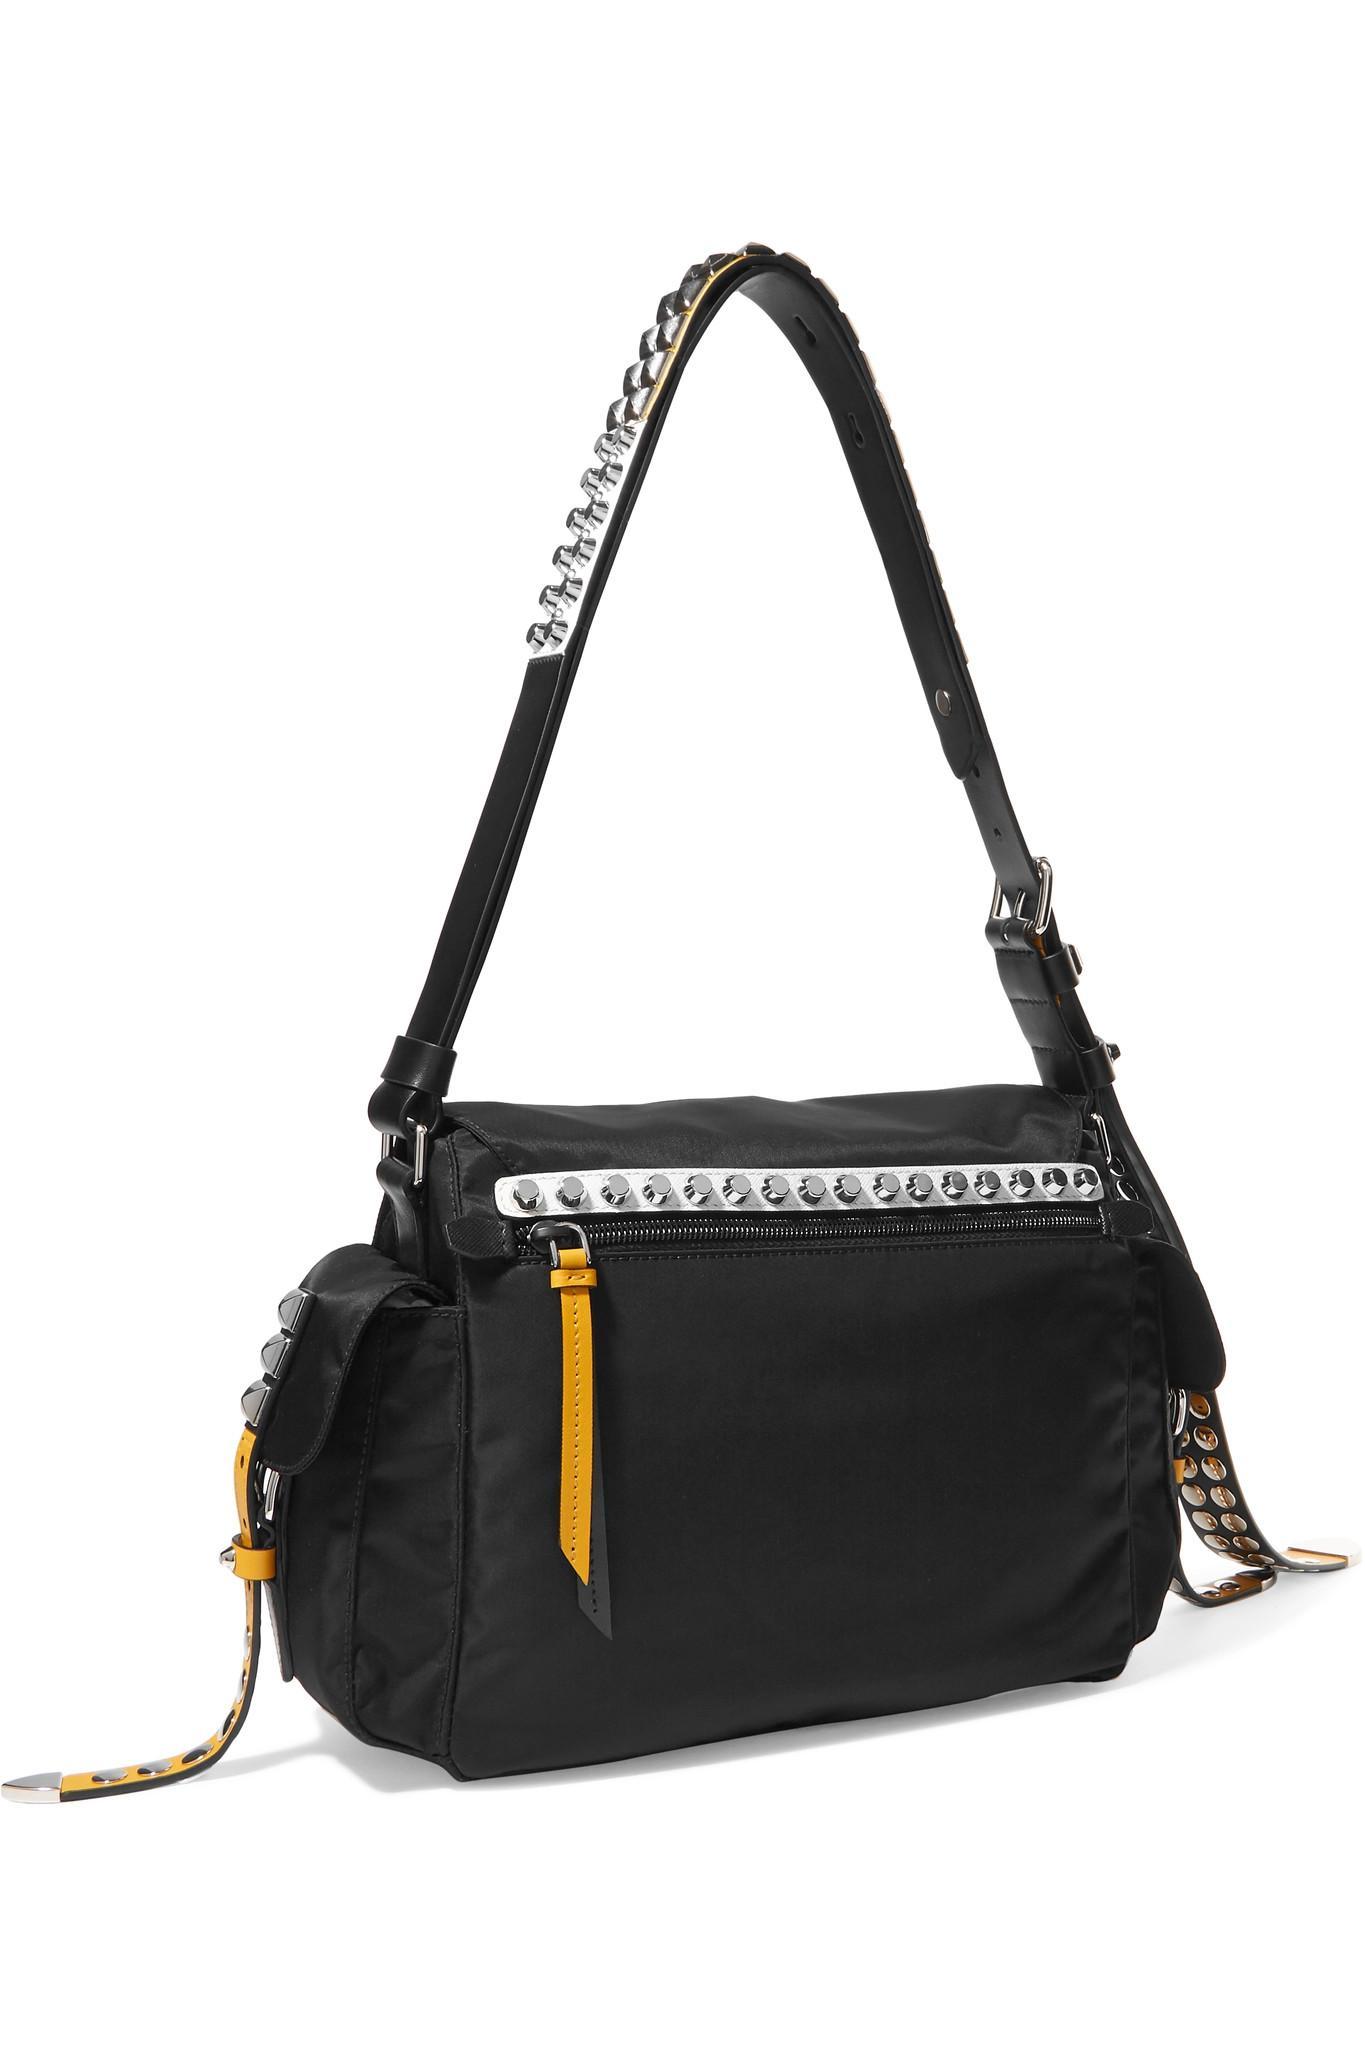 cbec558a25d5 Prada New Vela Studded Leather-trimmed Shell Shoulder Bag in Black ...